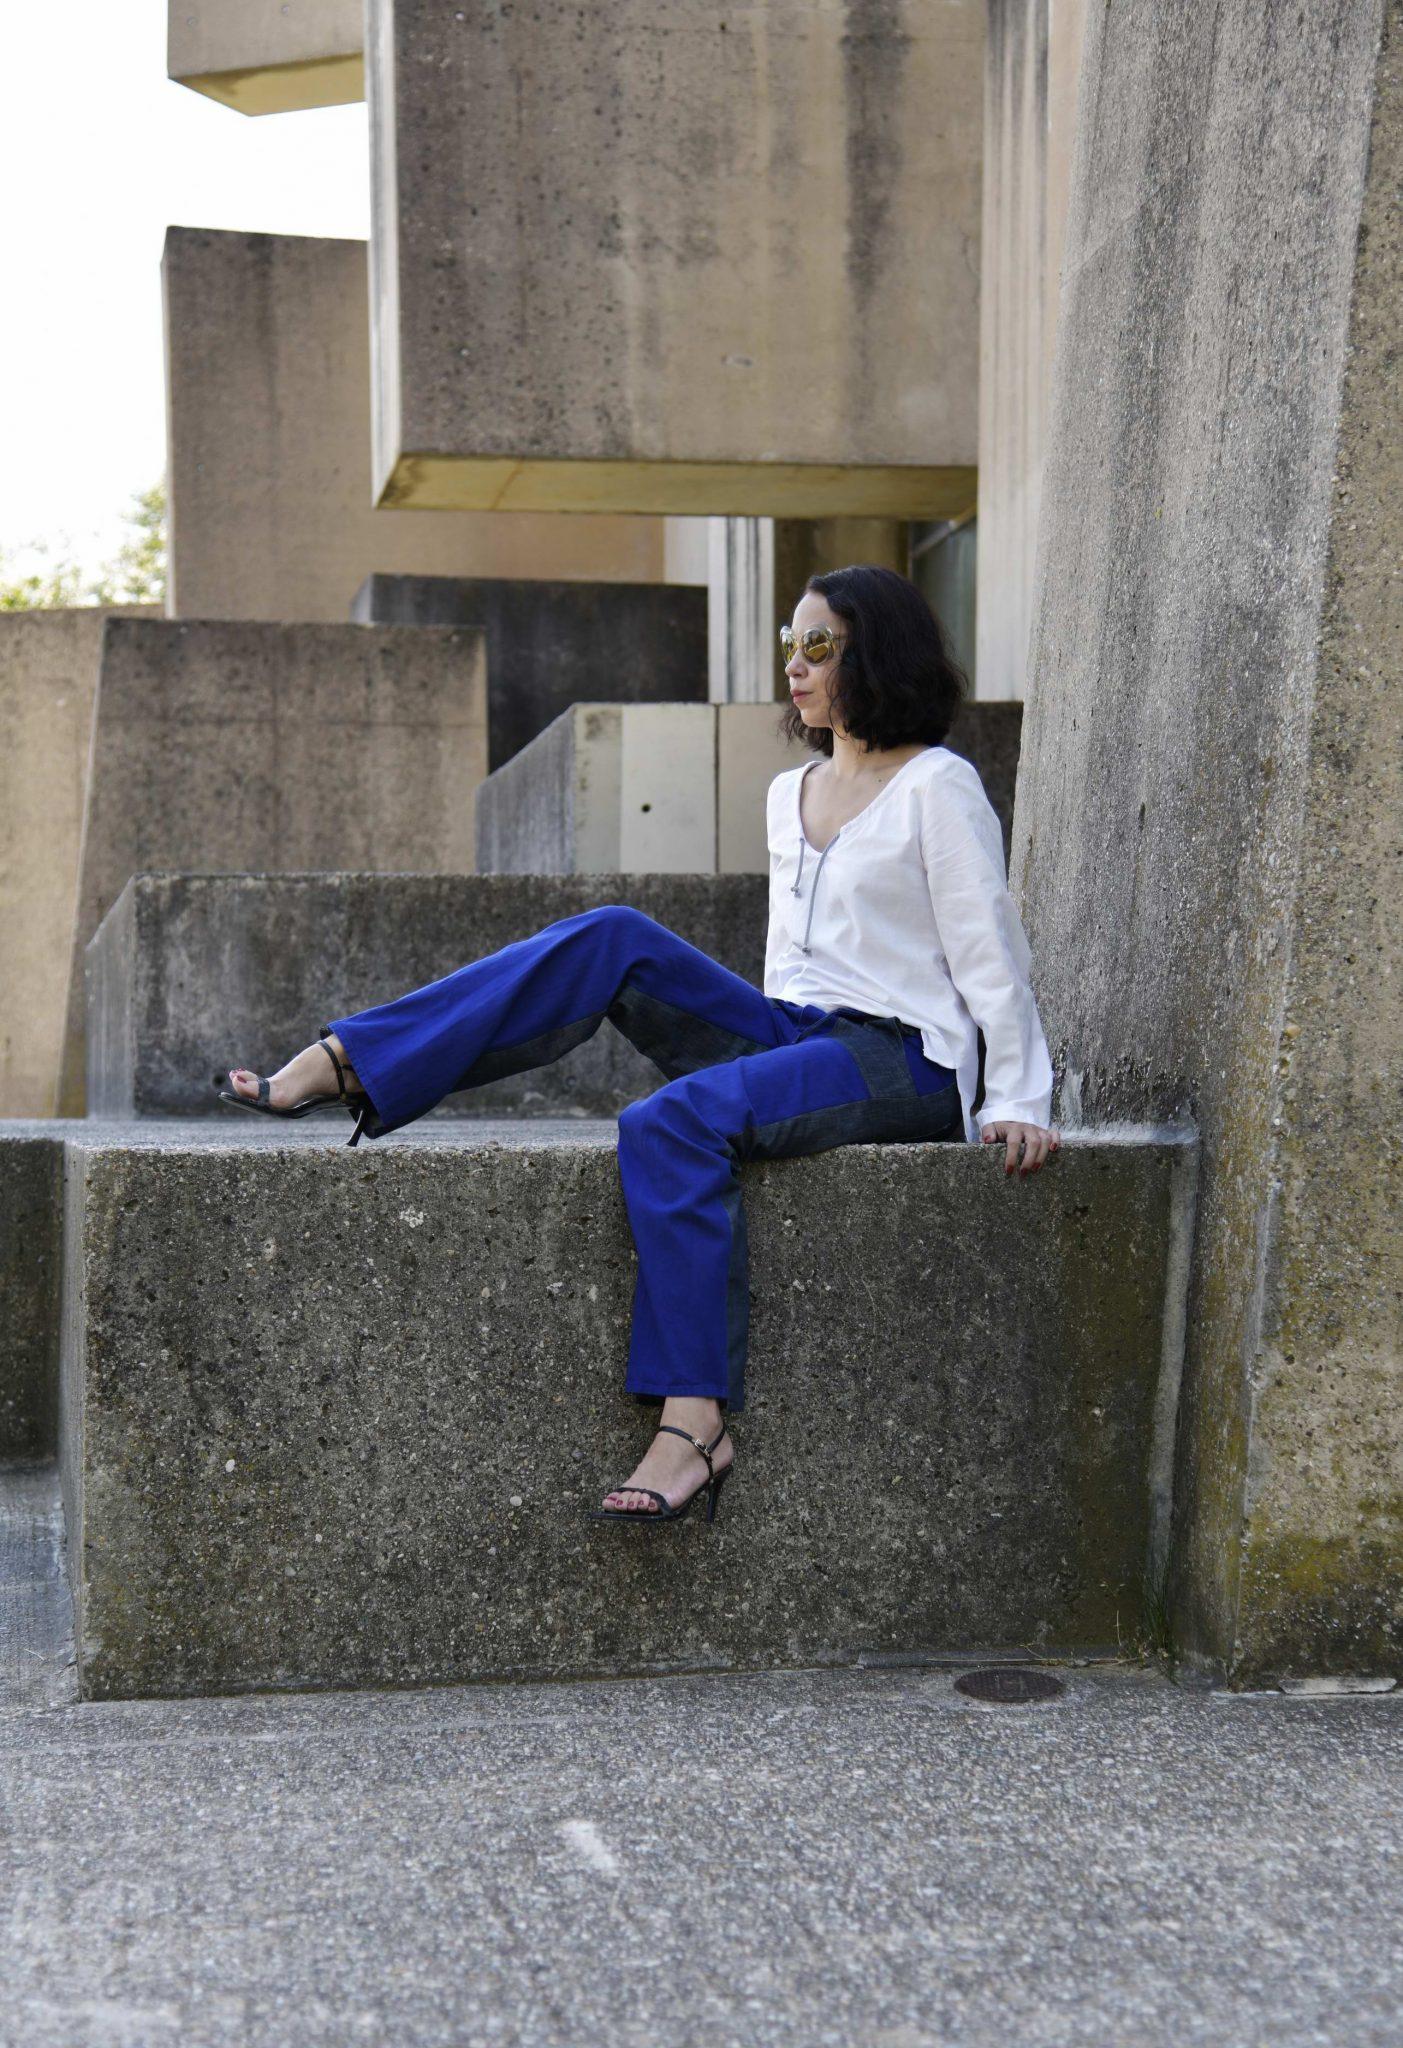 Wienerkleid Jeans by Steve Haider 2020 (6)